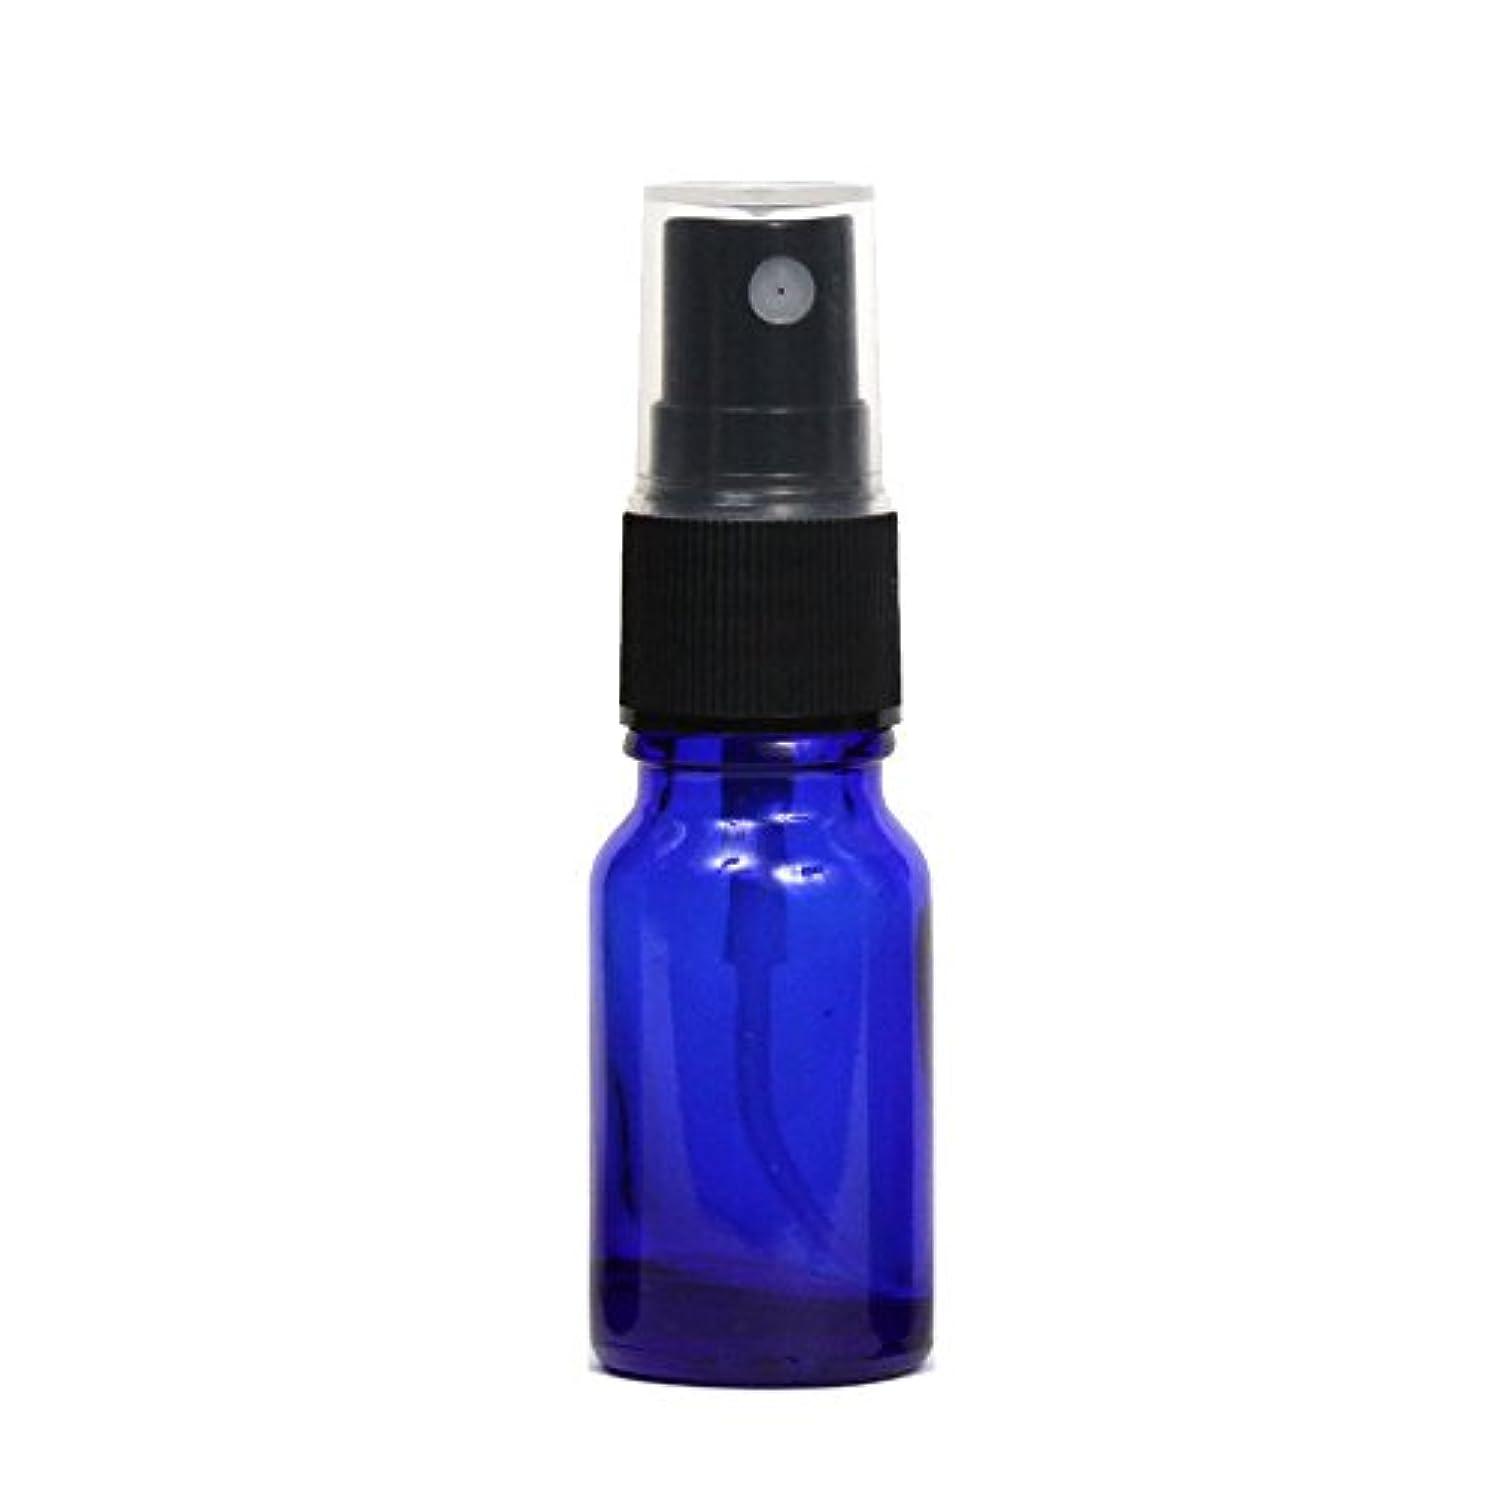 補う傾いた防止スプレーボトル ガラス瓶 10mL 遮光性ブルー ガラスアトマイザー 空容器